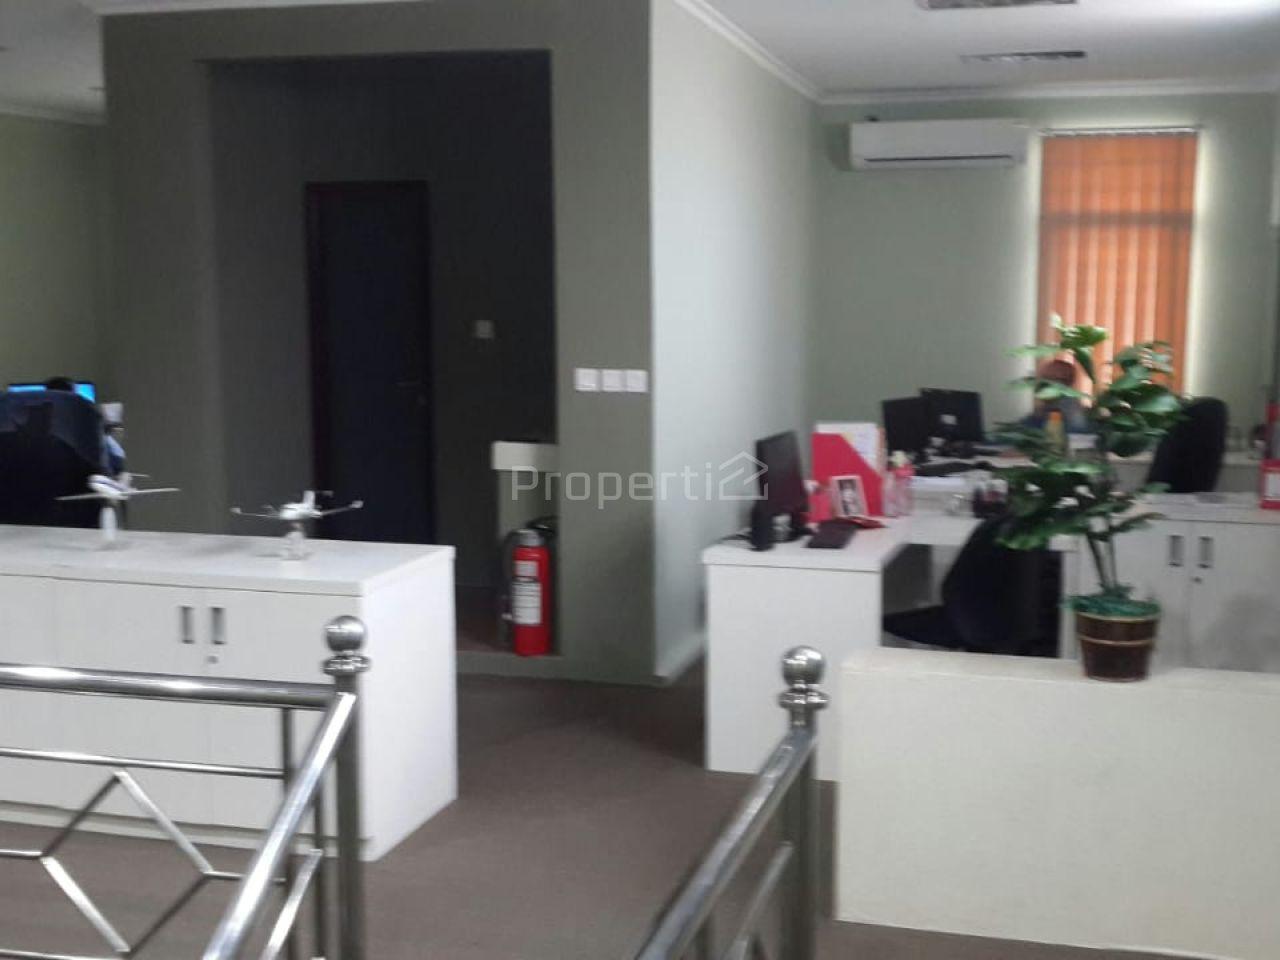 Rumah Untuk Kantor Dekat Bandara Halim Perdanakusuma, Jakarta Timur